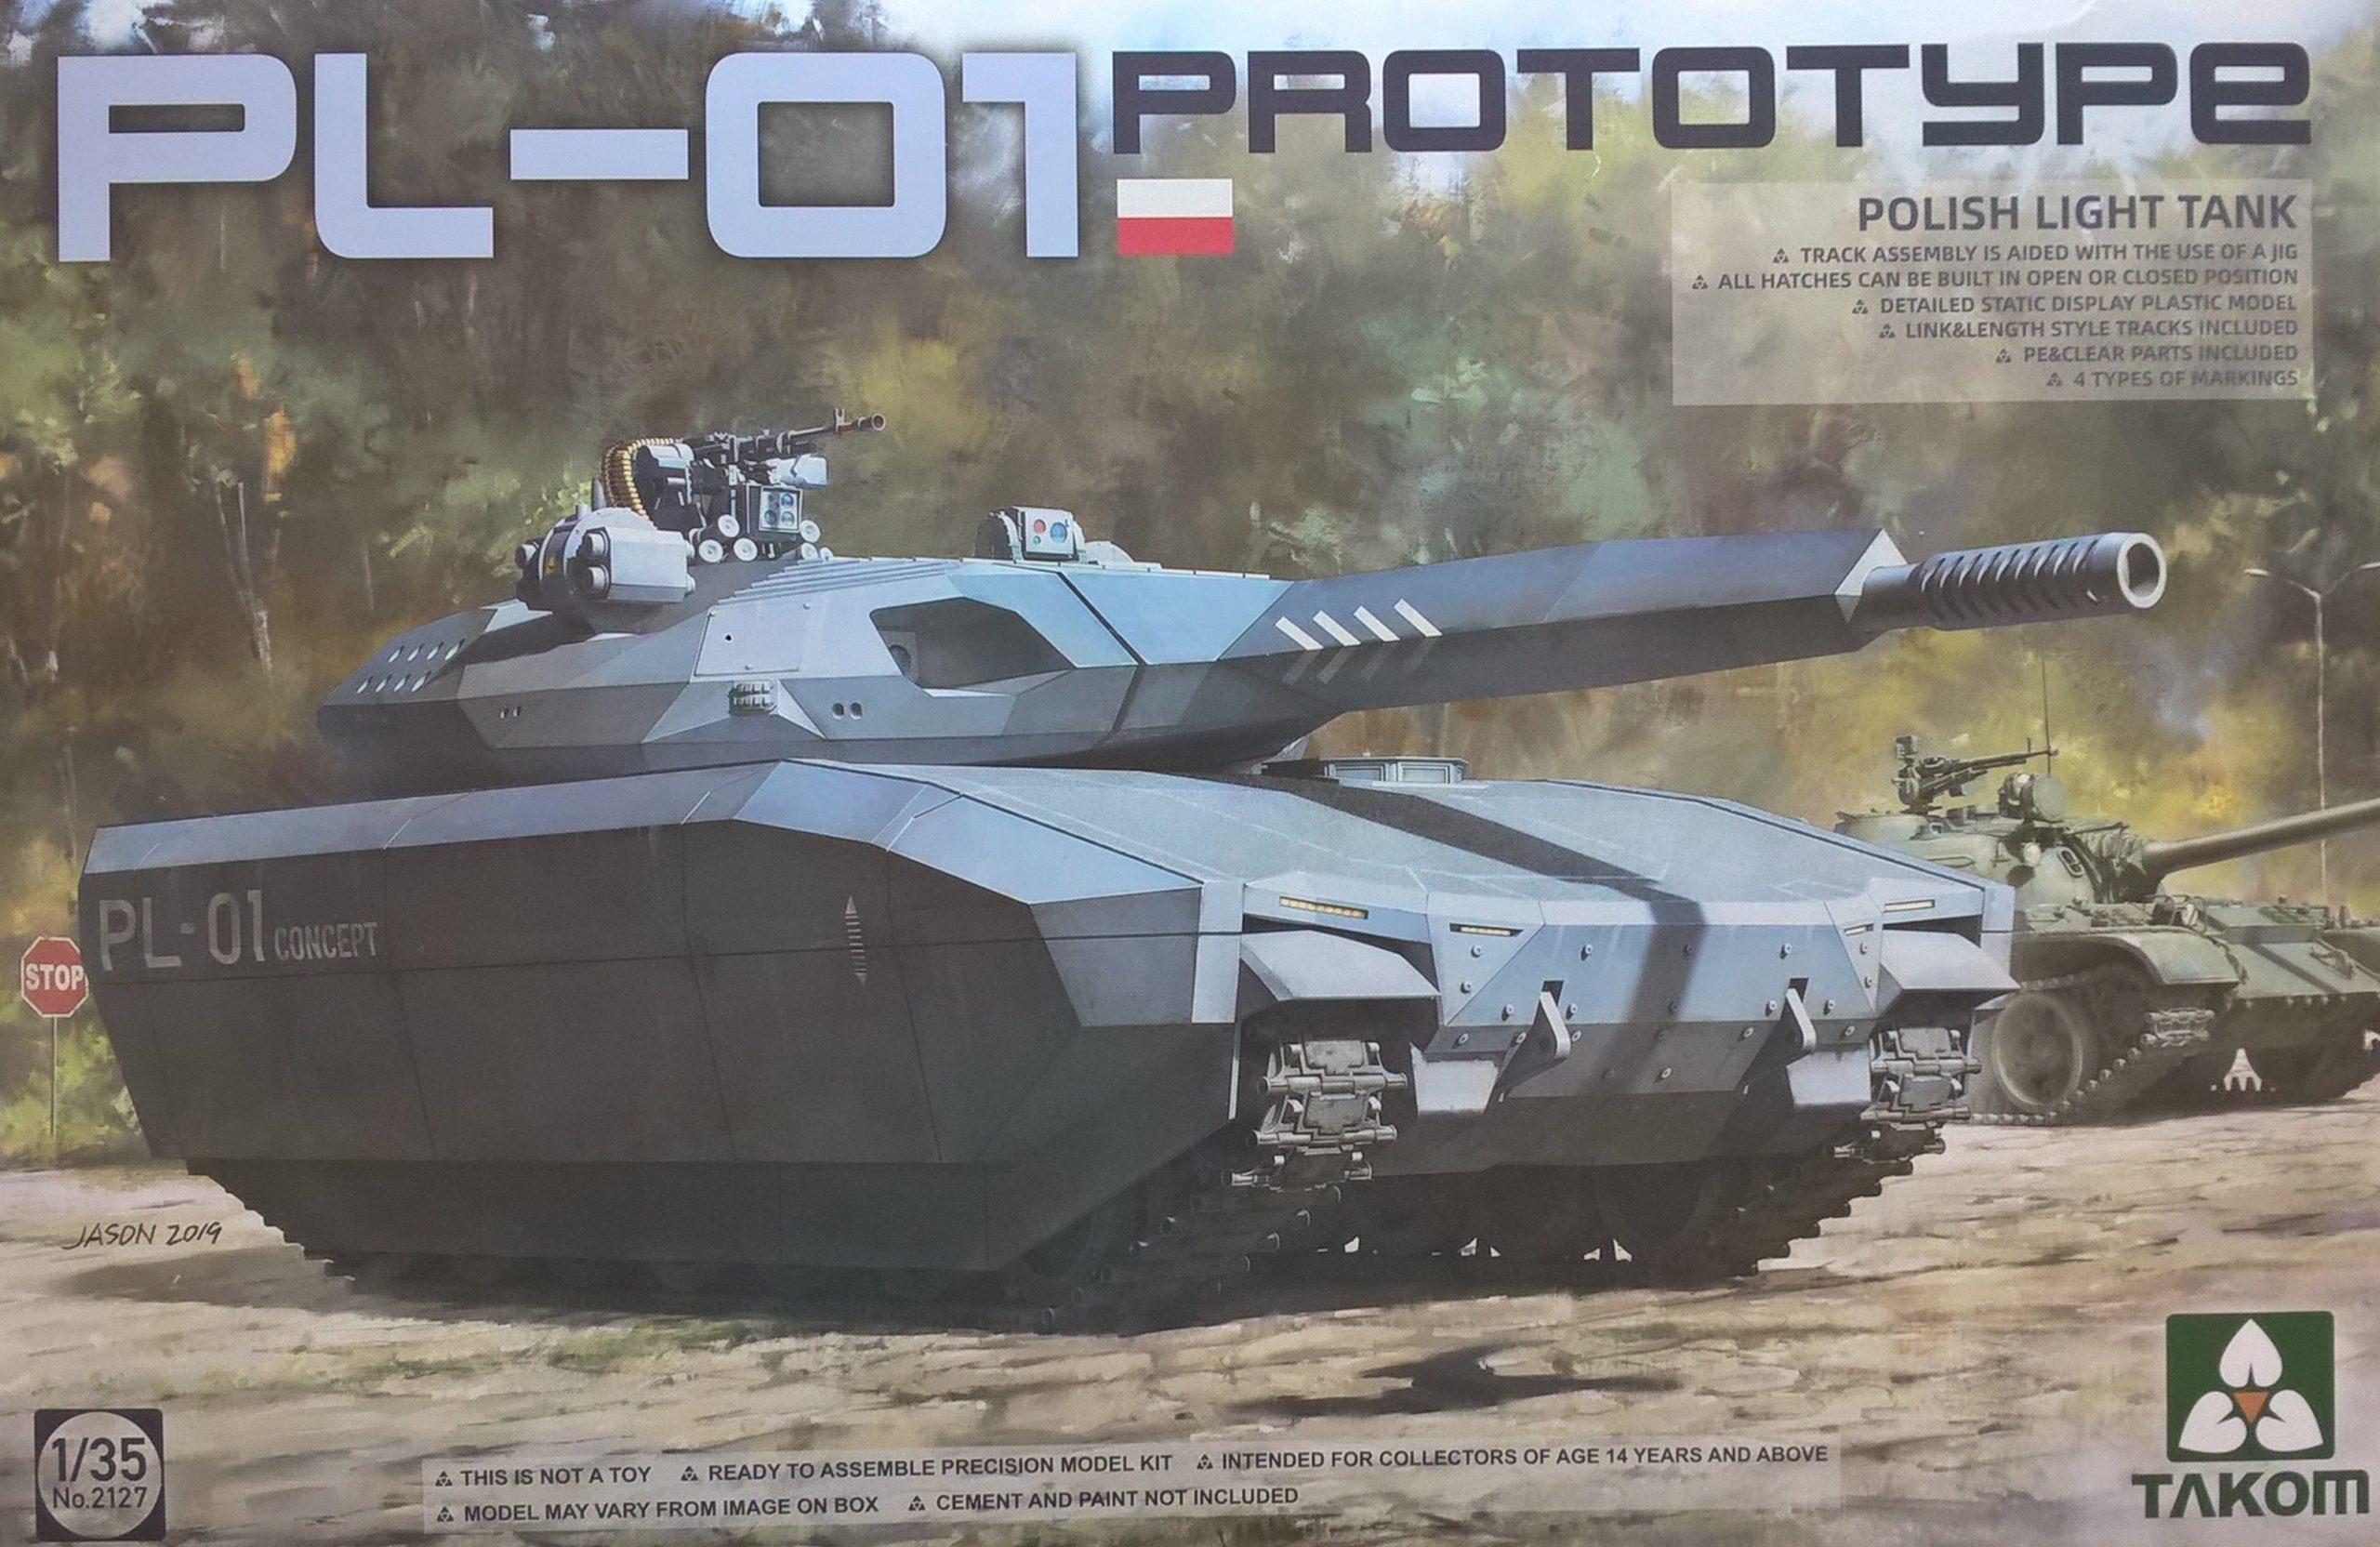 Model PL 01 Concept 000